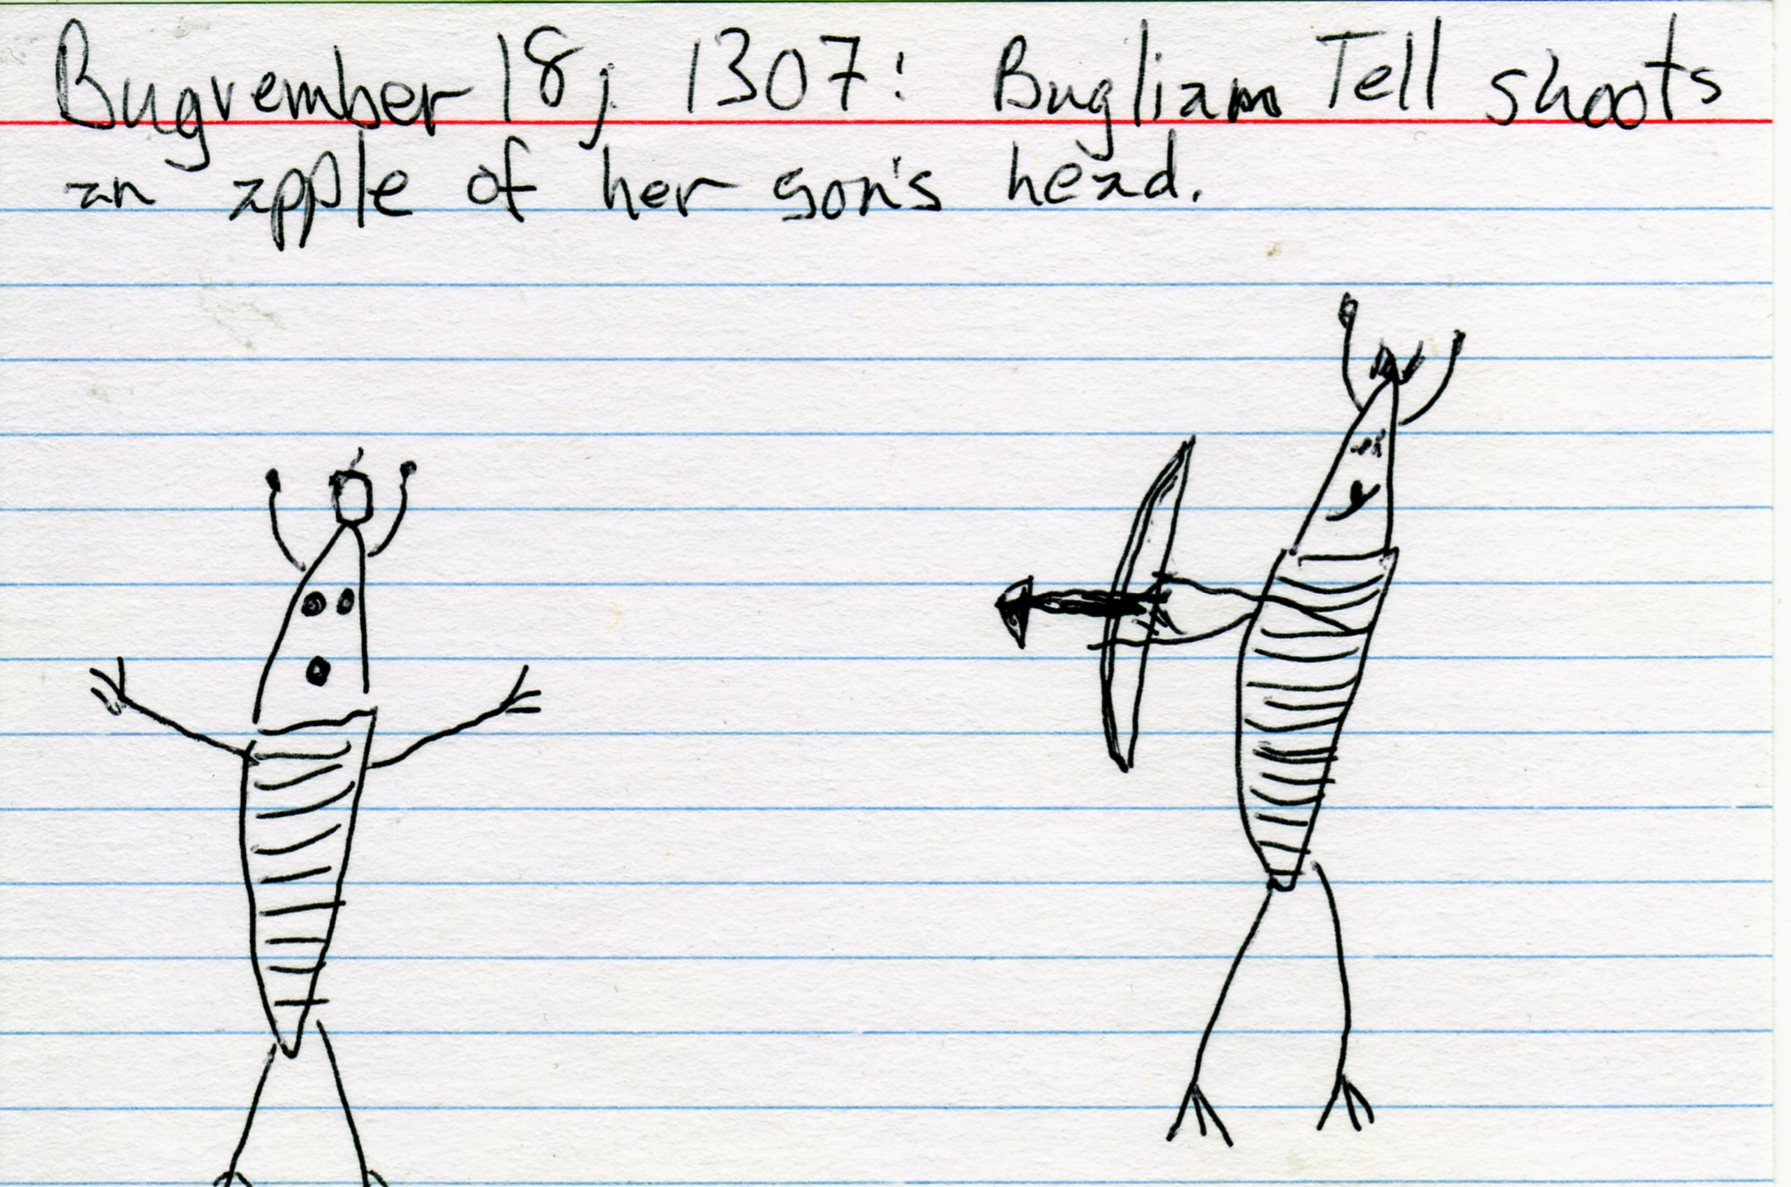 bugliam tell